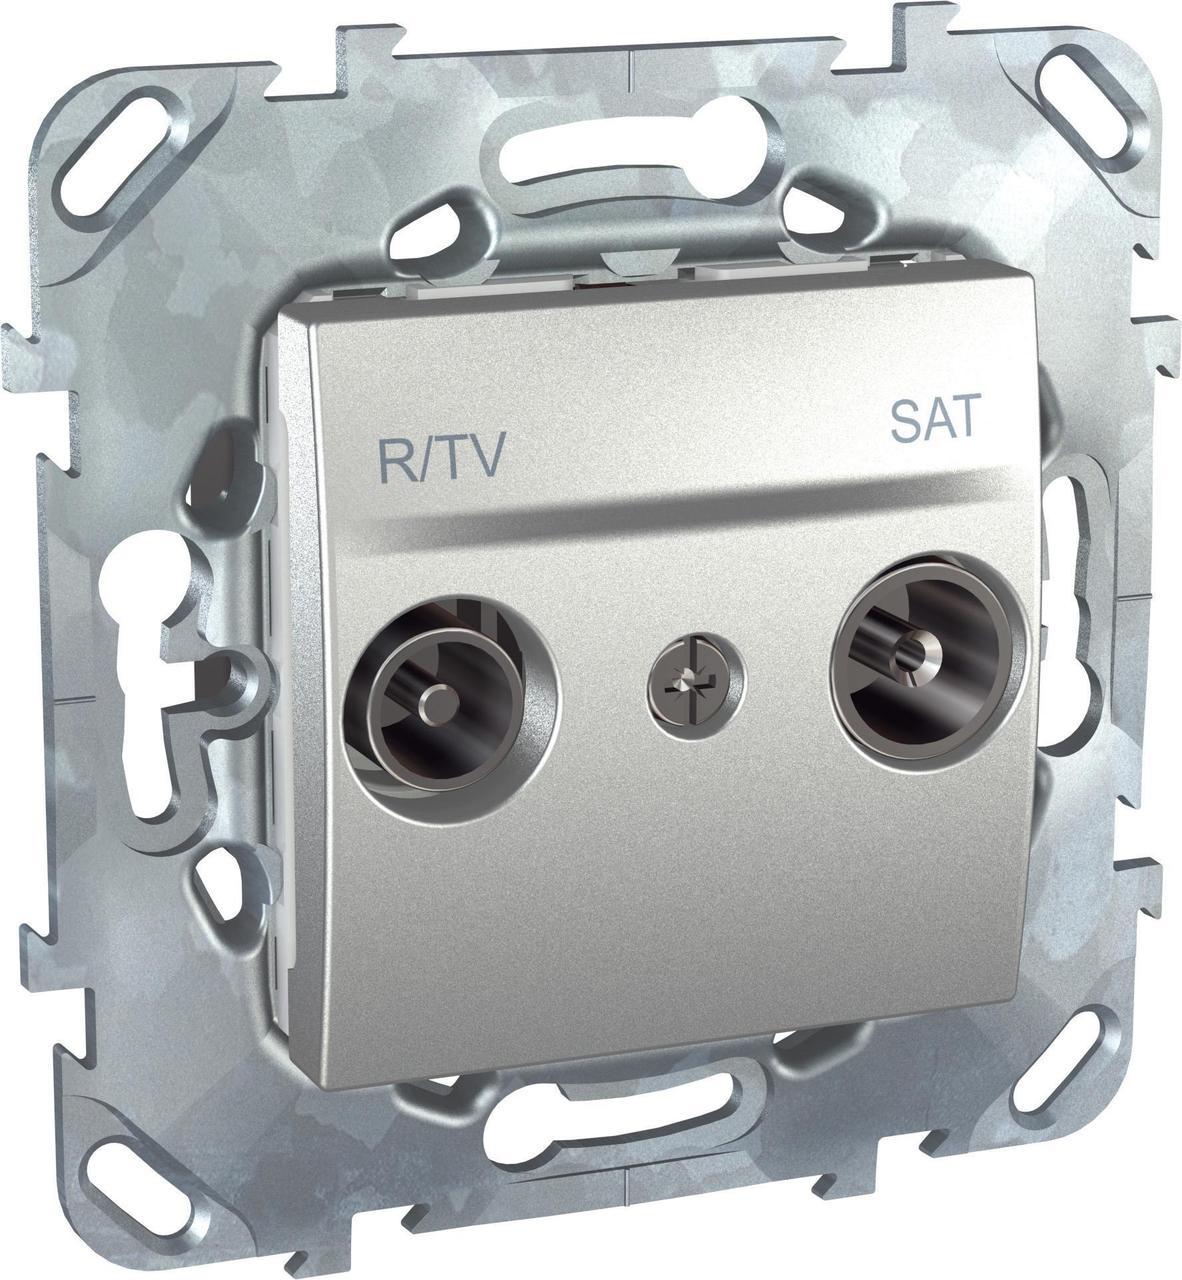 Розетка телевизионная проходная ТV-FМ-SАТ , Алюминий, серия UNICA TOP/CLASS, Schneider Electric